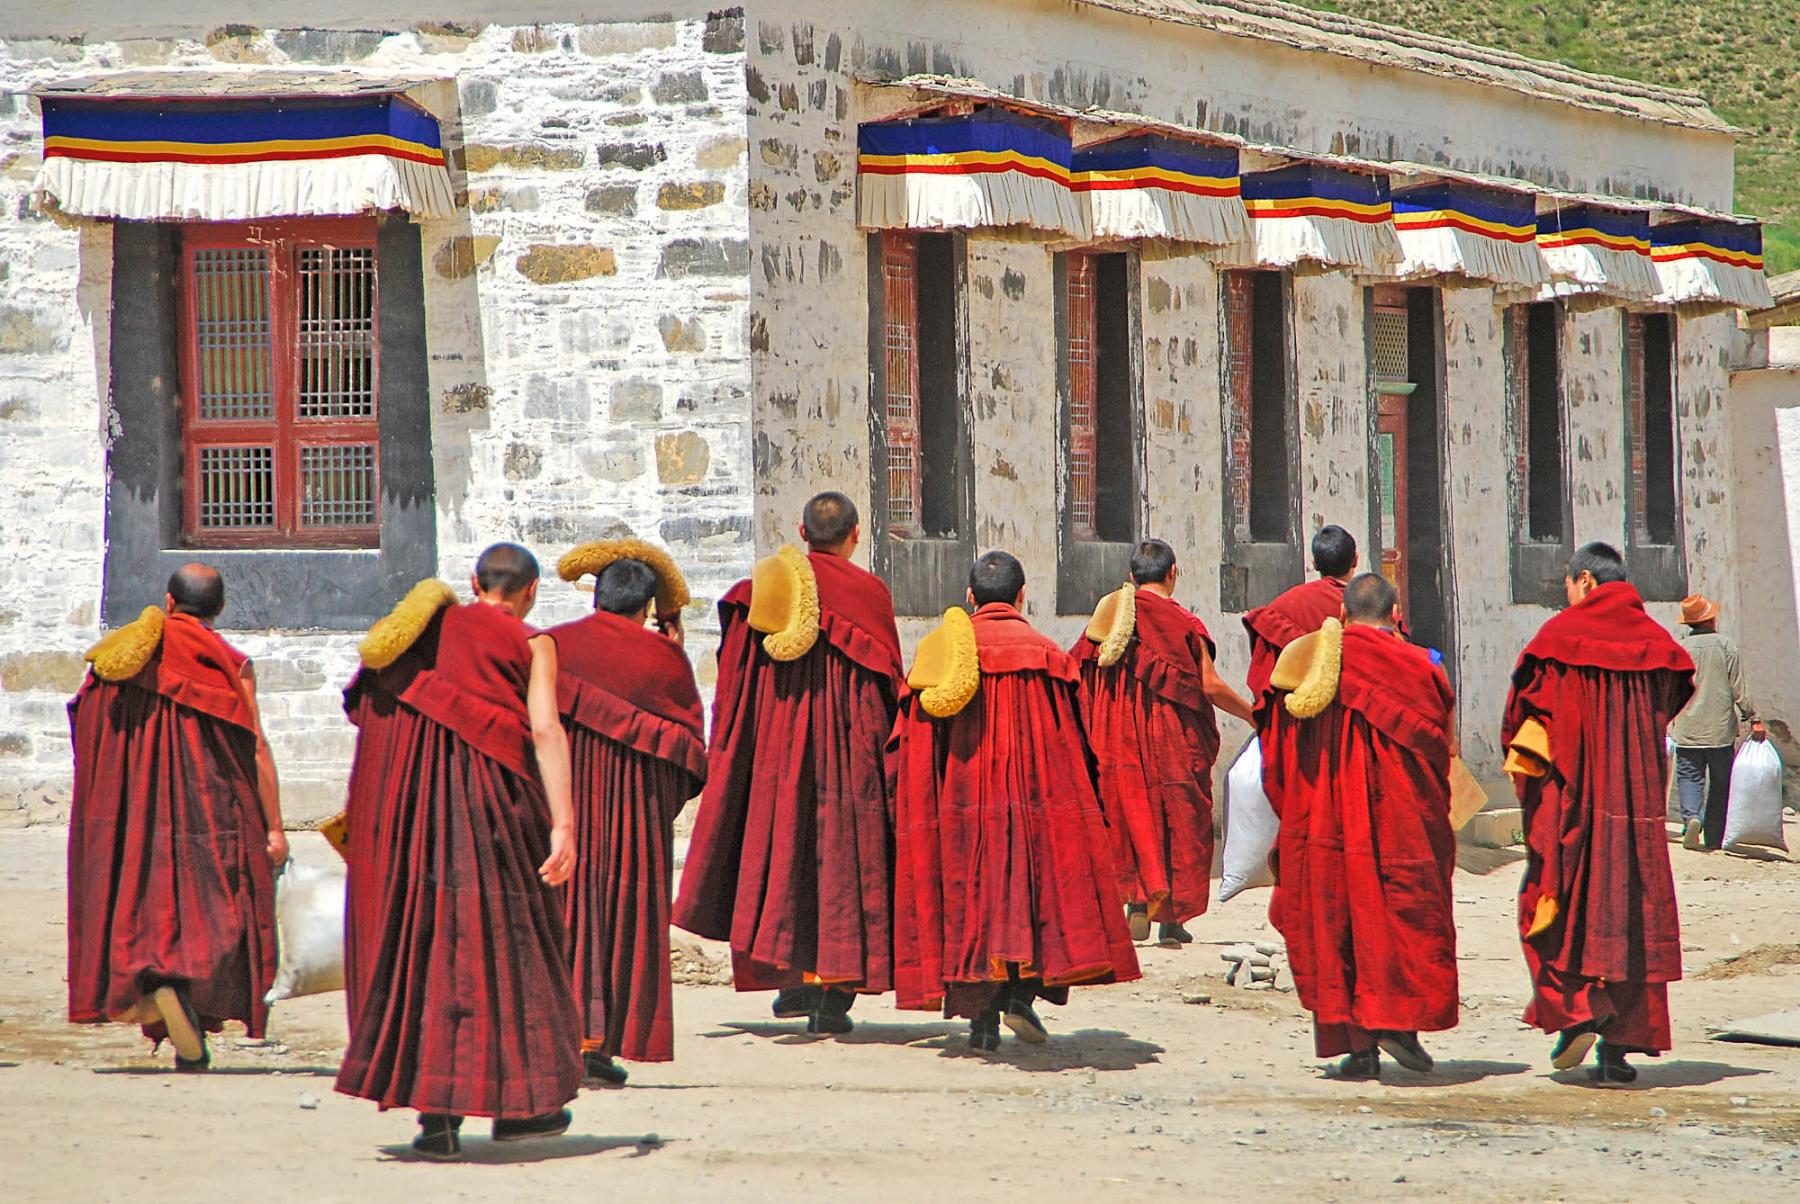 China bans religious prac